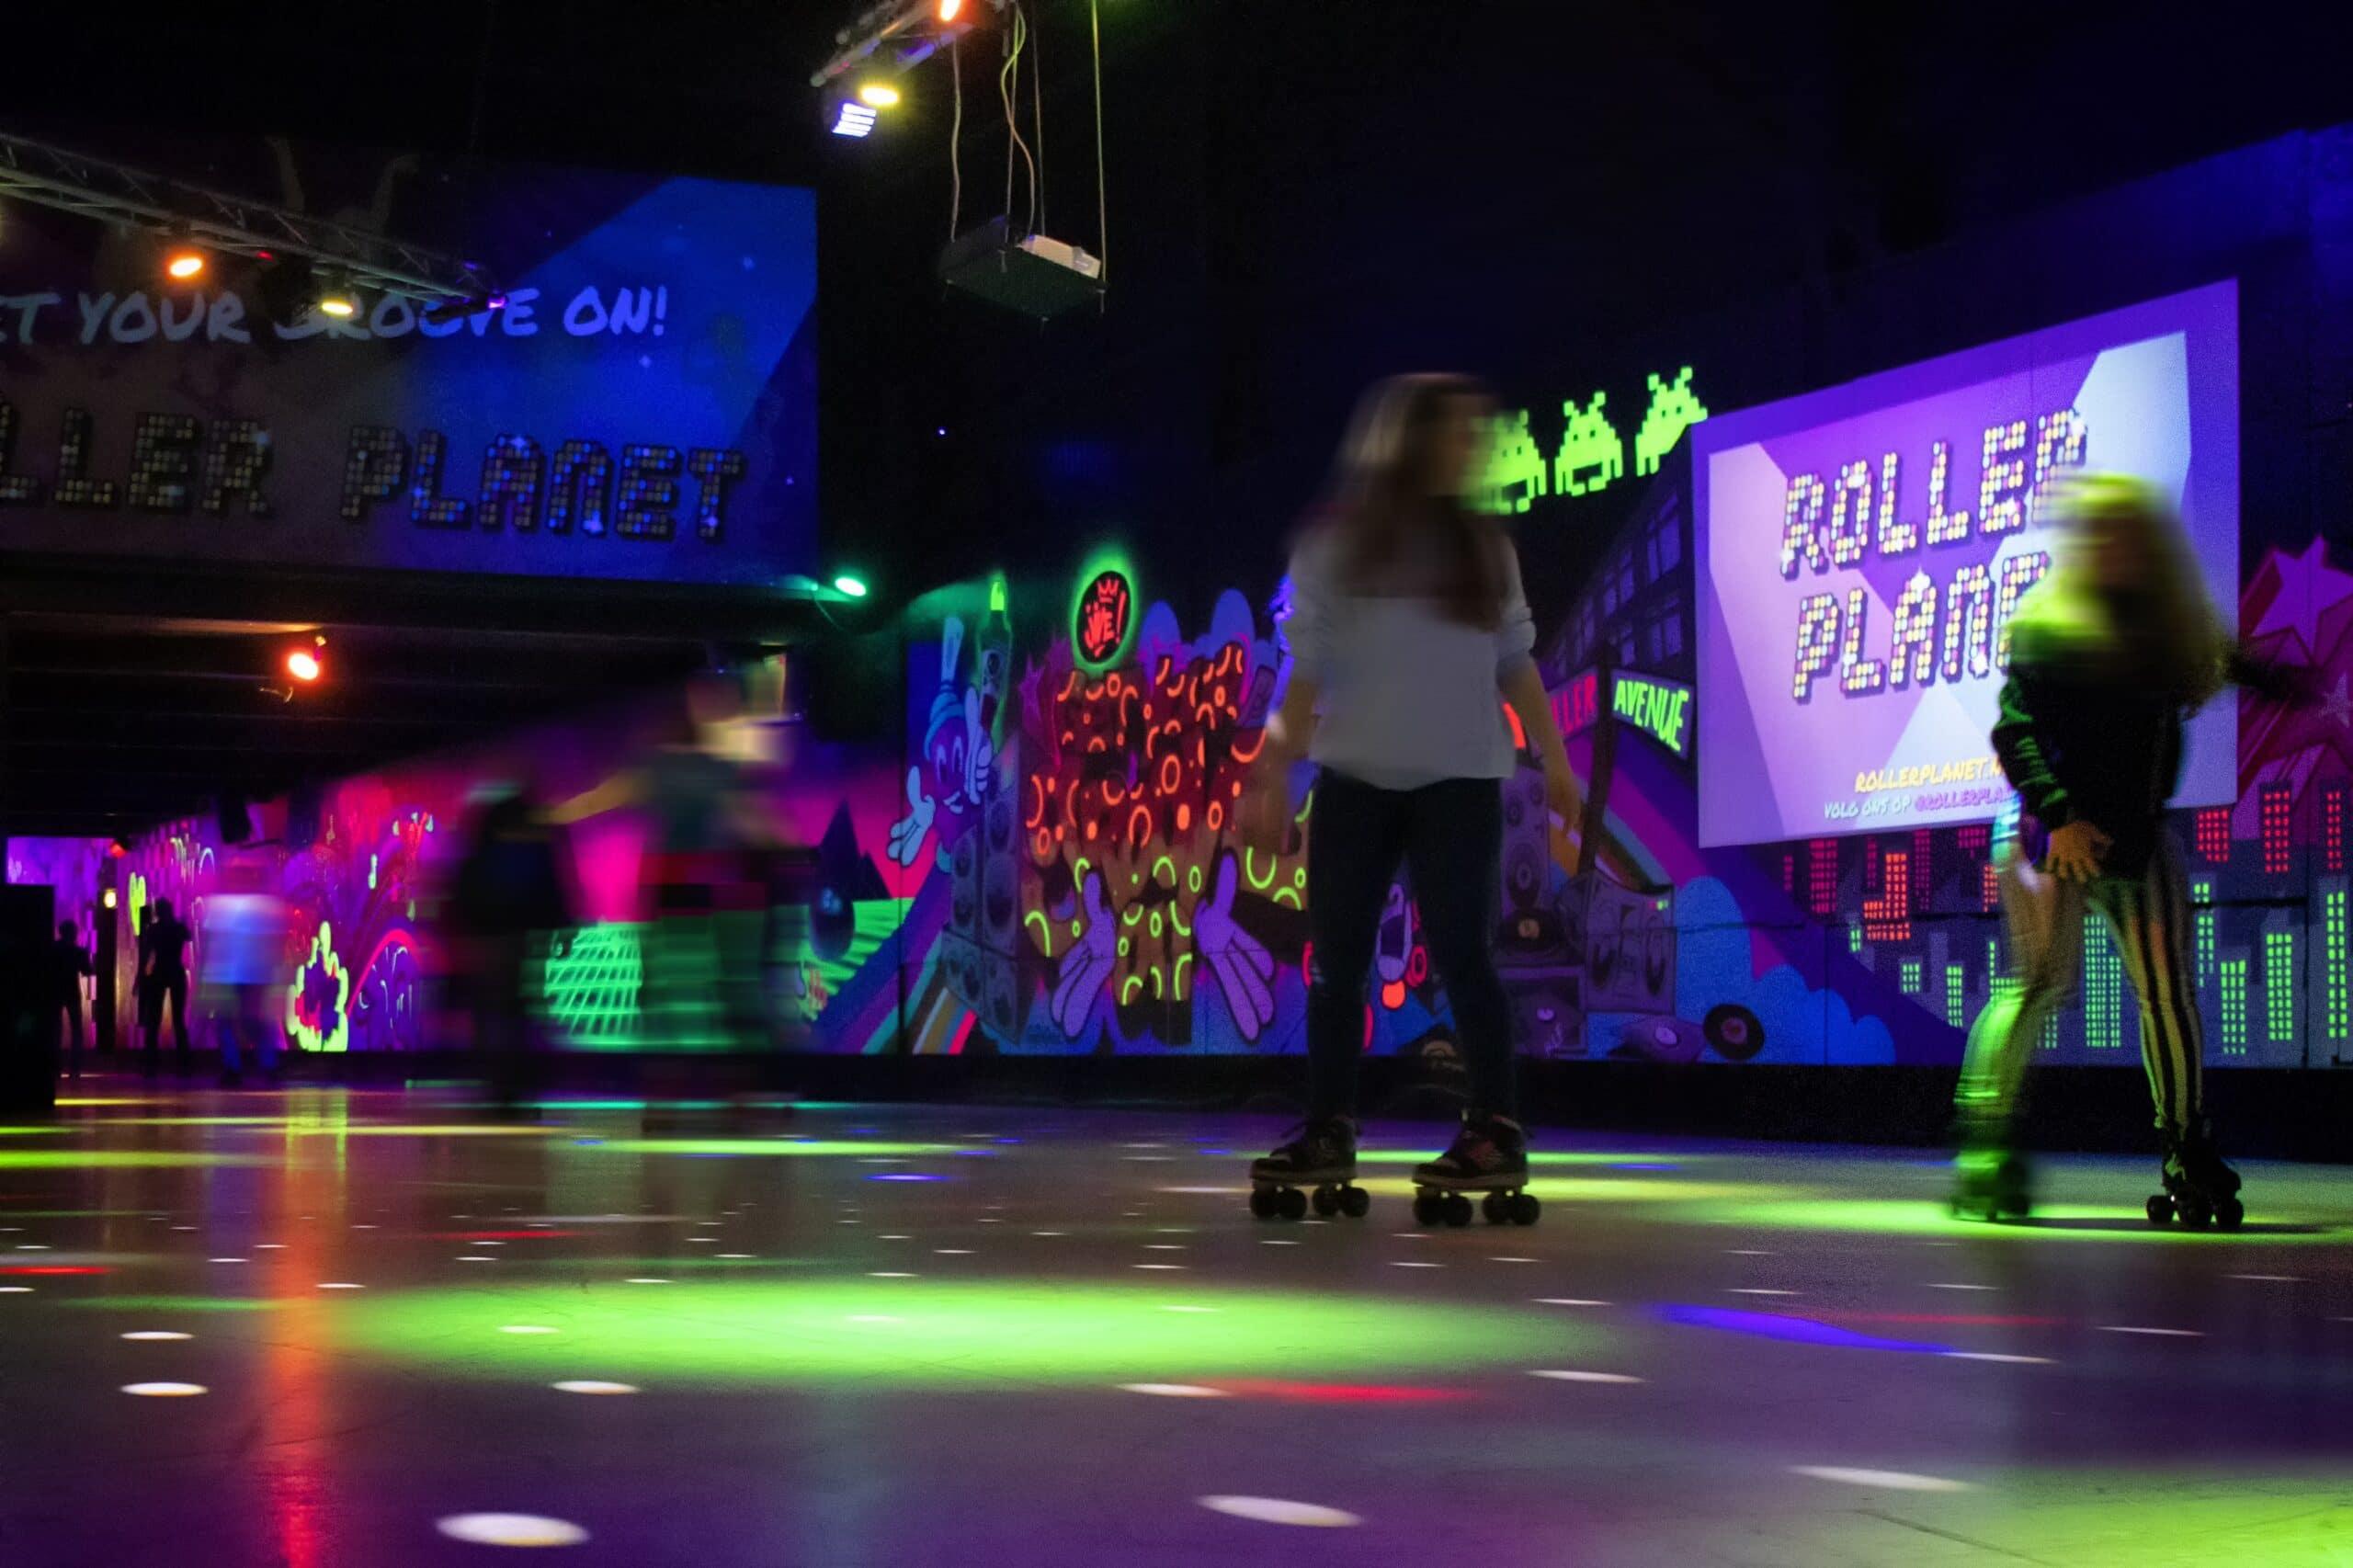 Rolschaatsbaan of rink in Amsterdam van Roller Planet met rollerskaters.